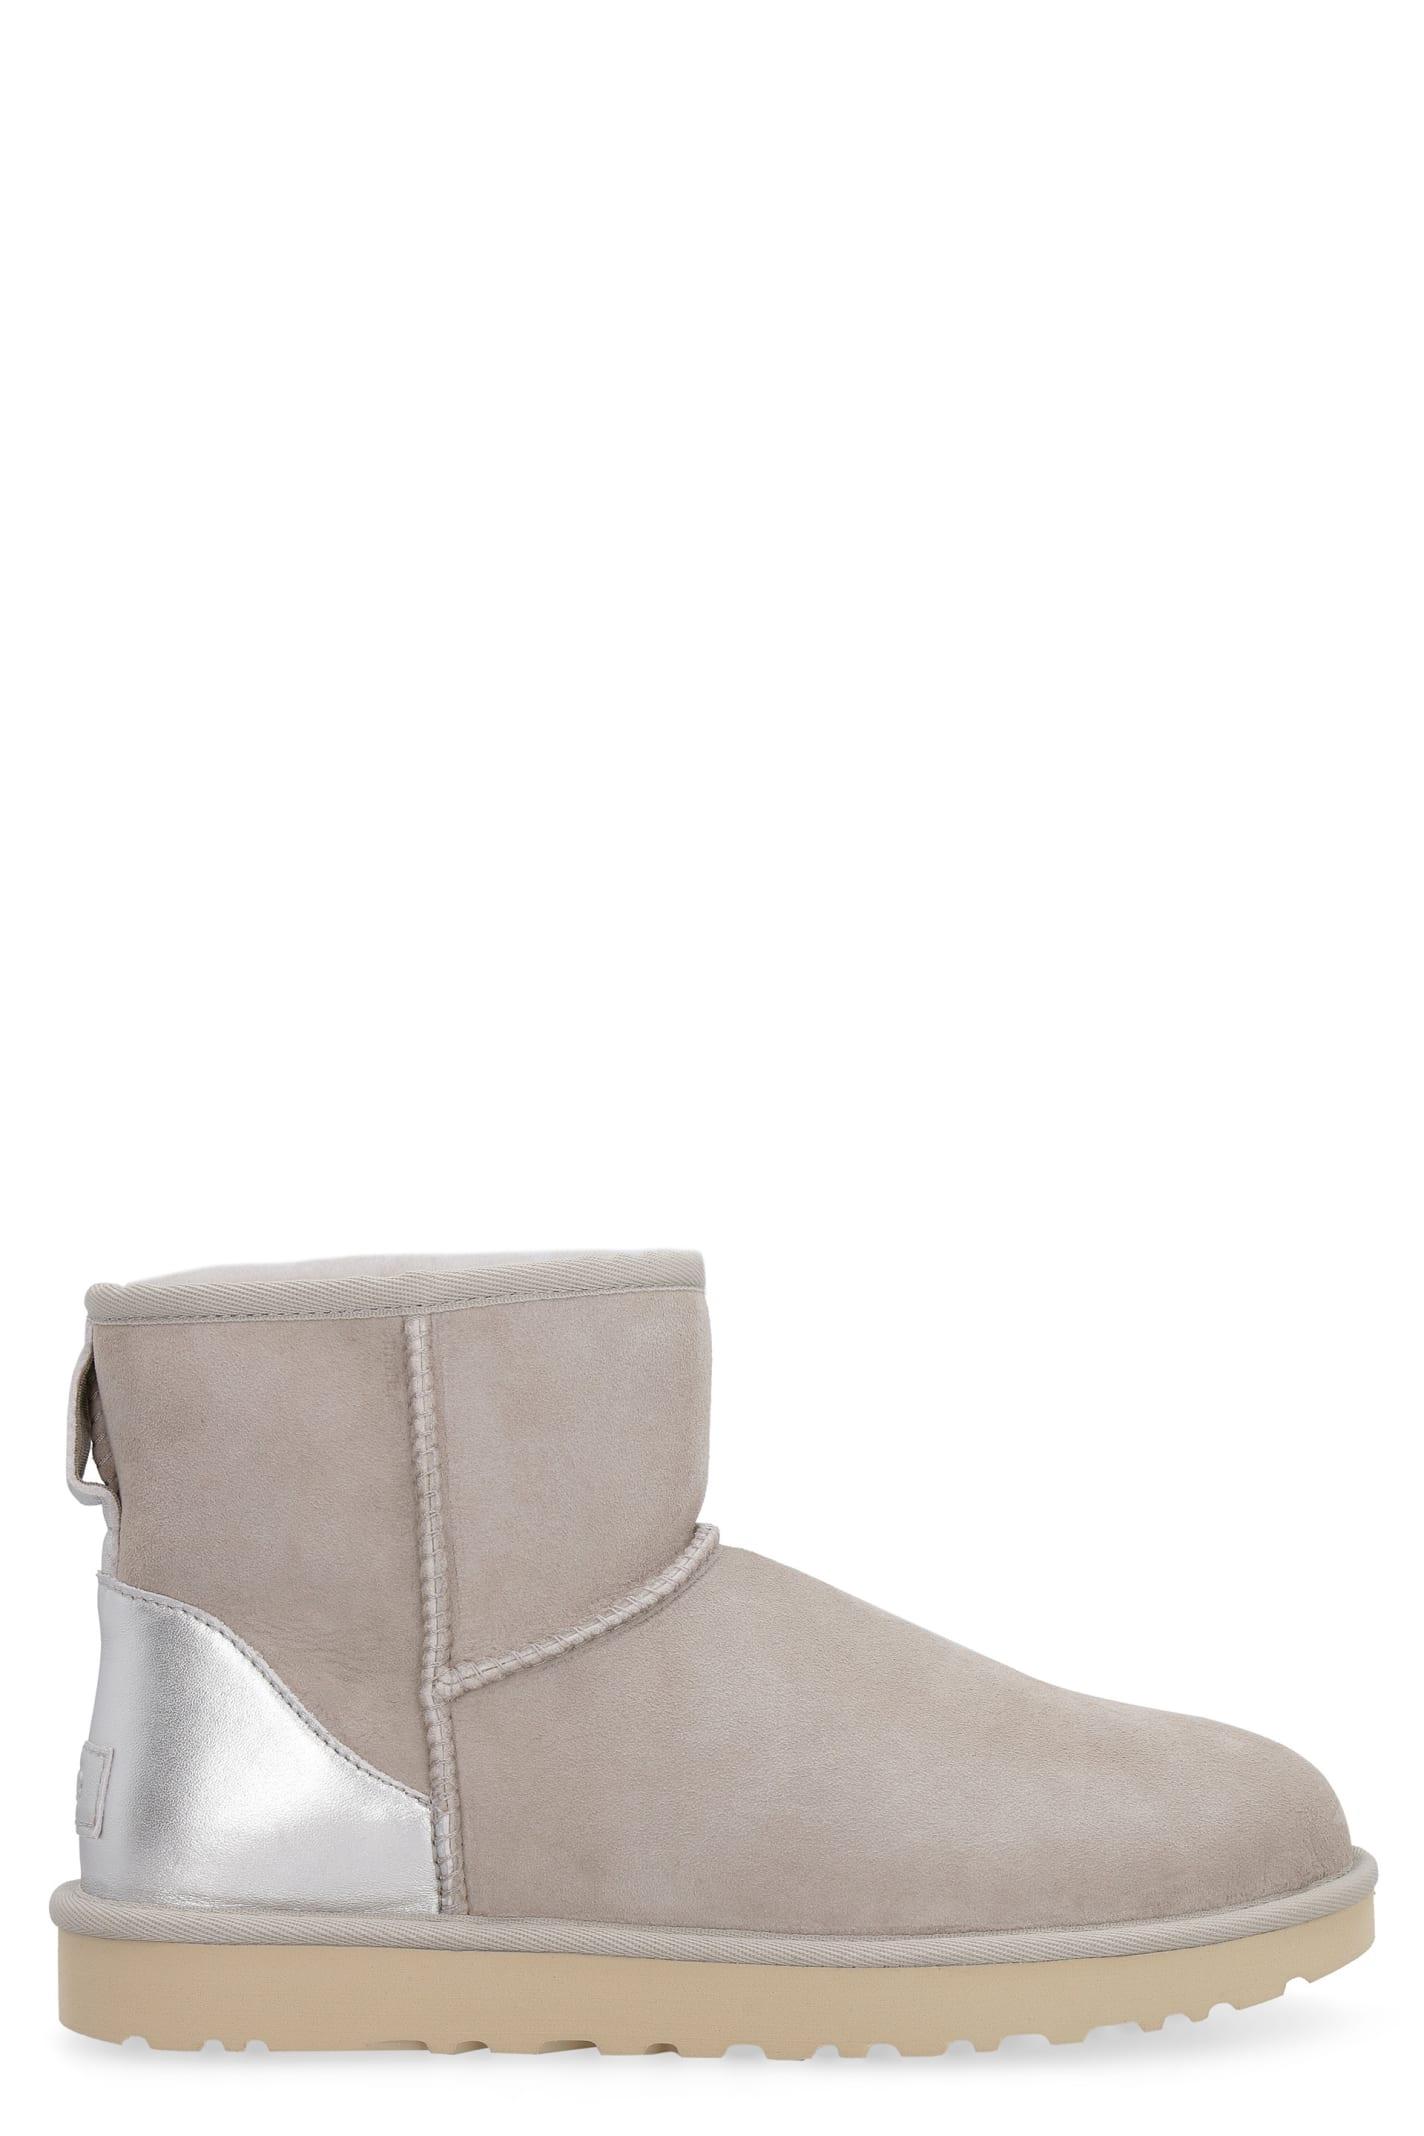 UGG Classic Mini Ii Metallic Boots